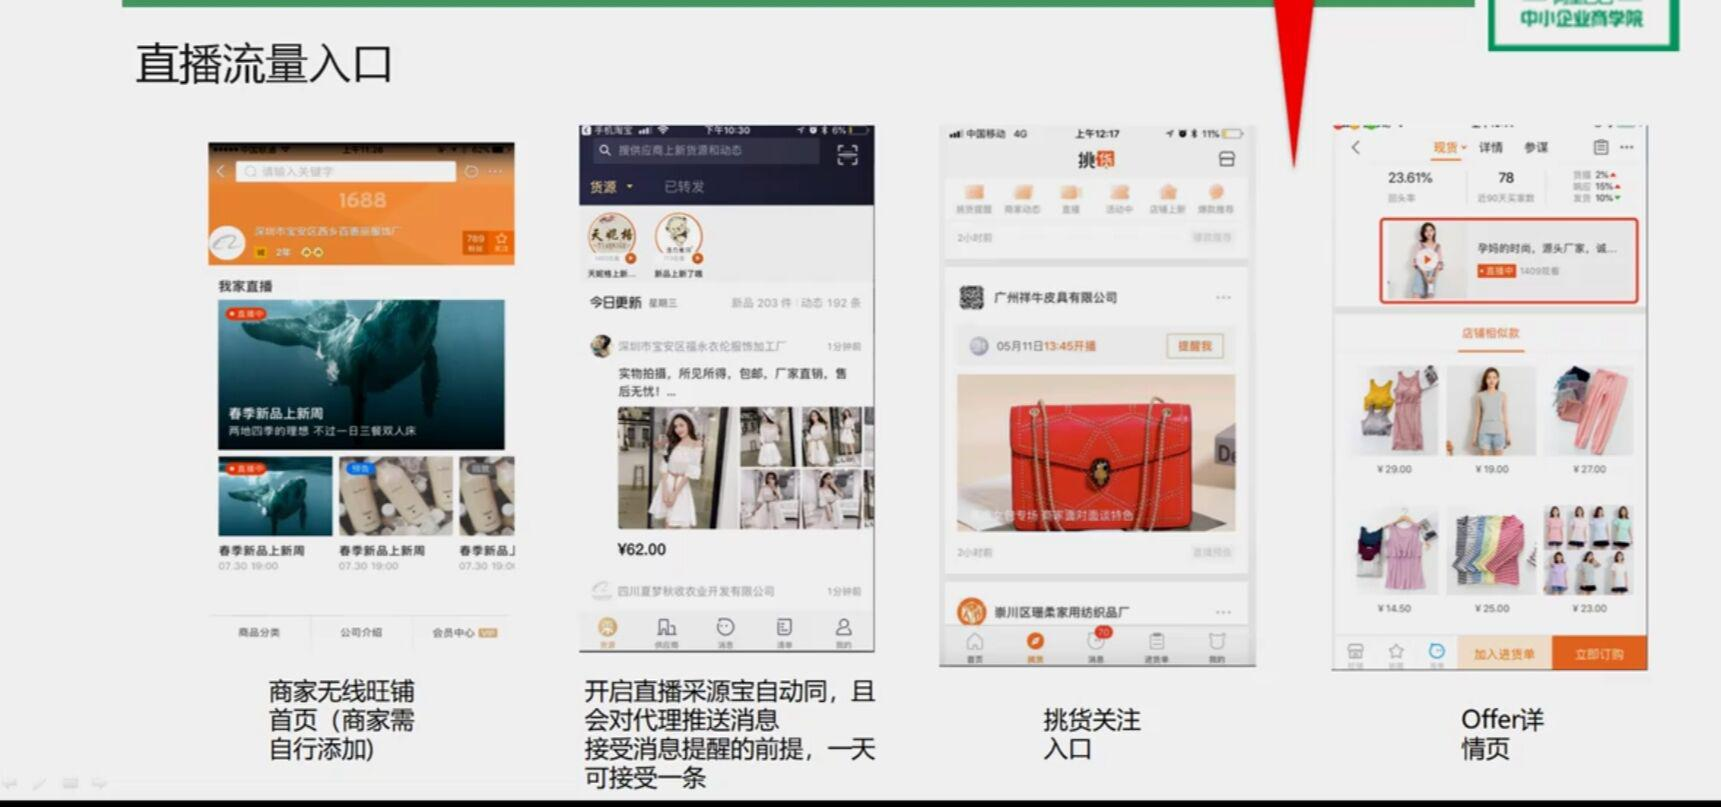 盛京棋牌手机计划软件电商干货阿里诚信通商家如何做好排名引爆流